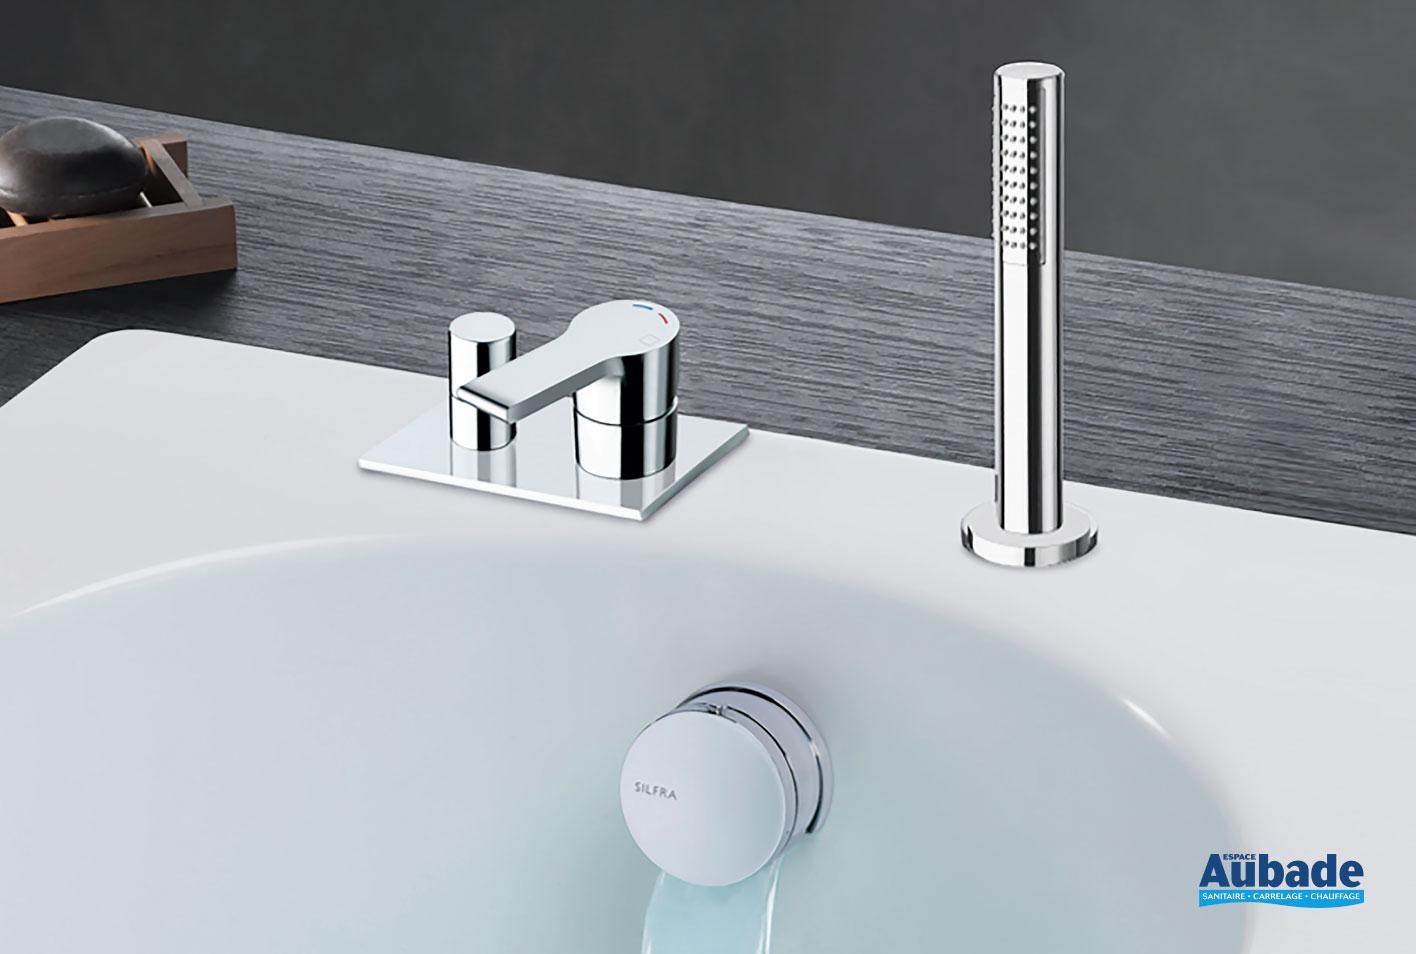 robinetterie bain douche encastree delta de cristina